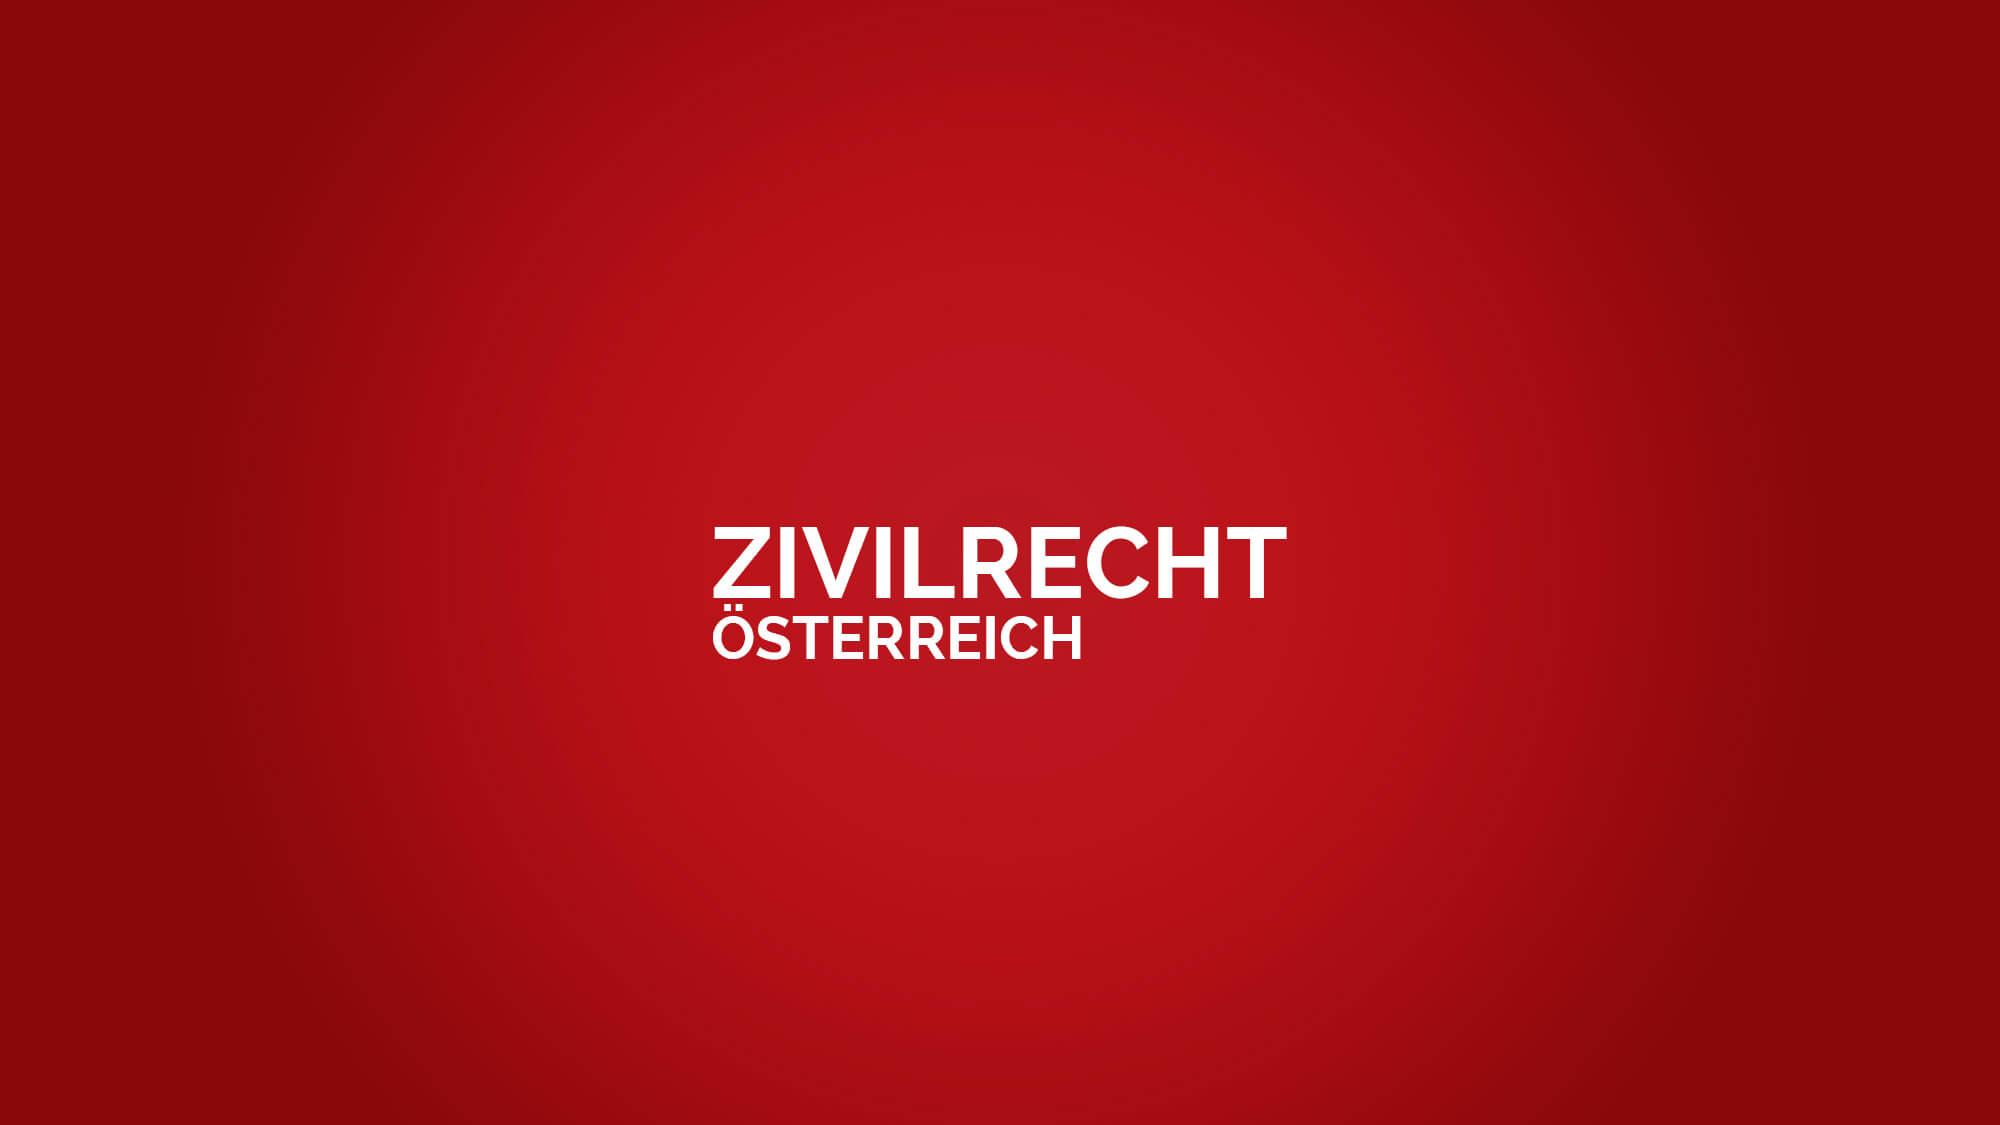 Zivilrecht_AT